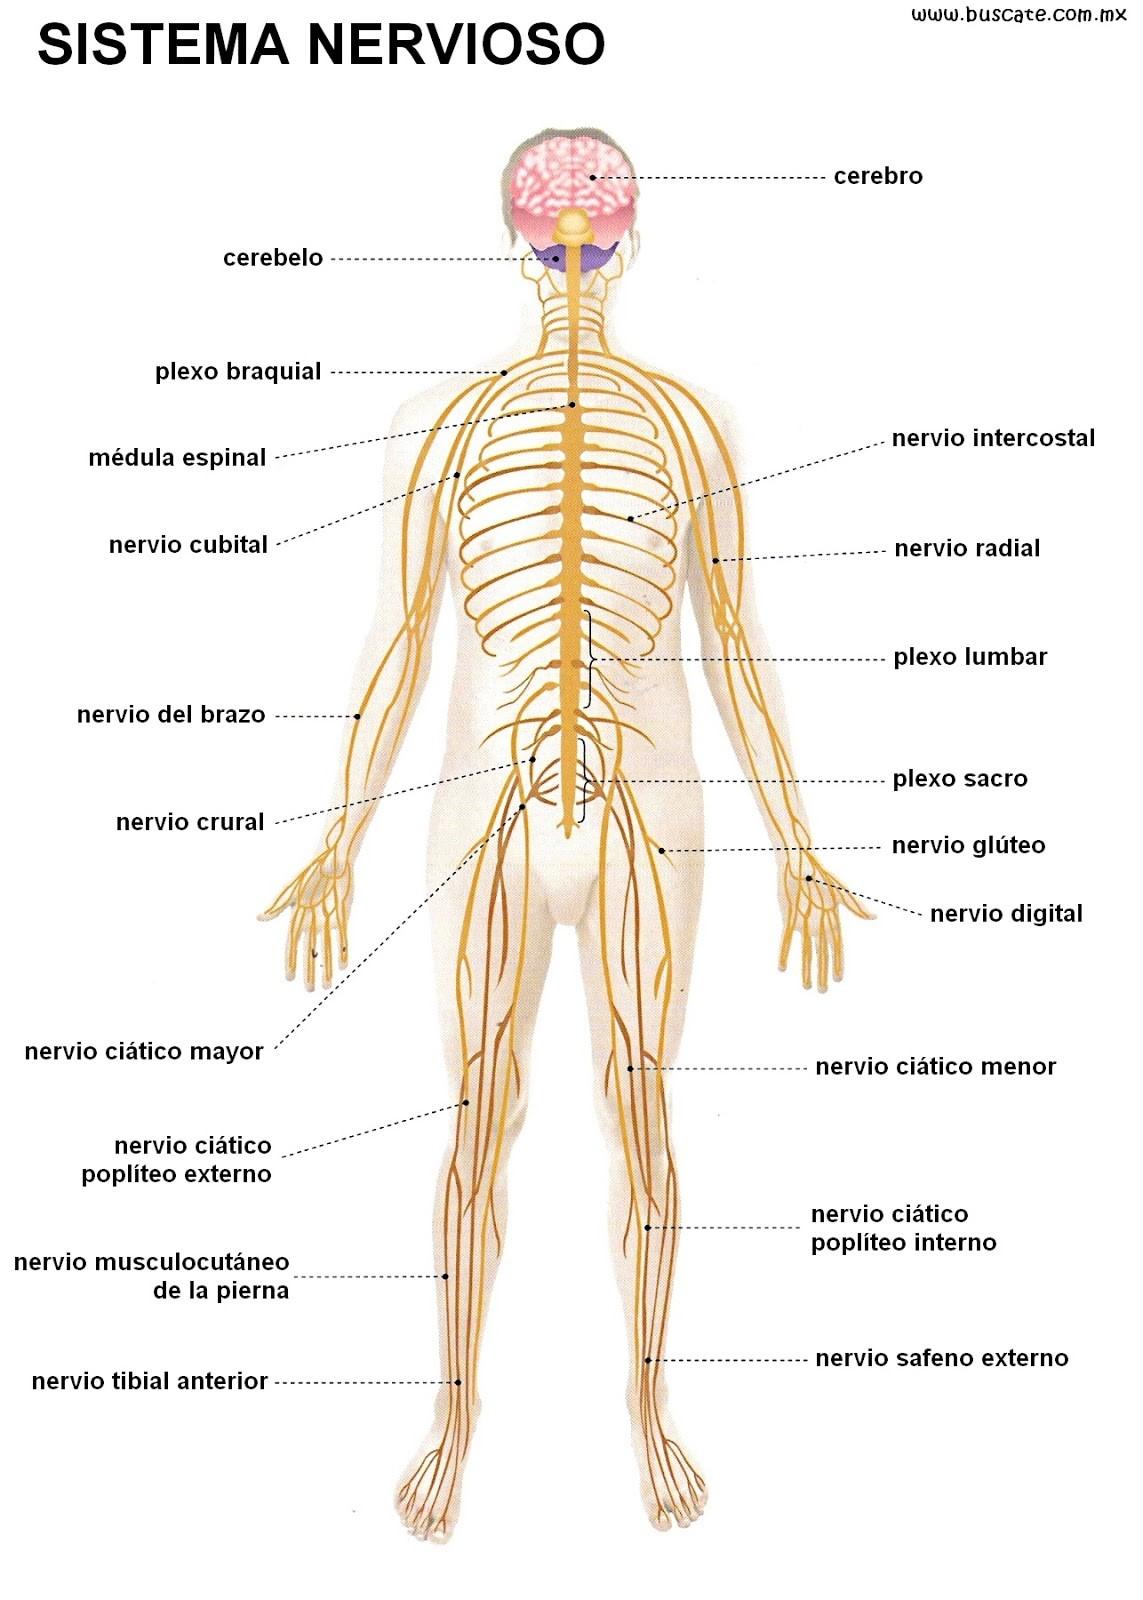 Sistemas del cuerpo humano: Sistema nervioso